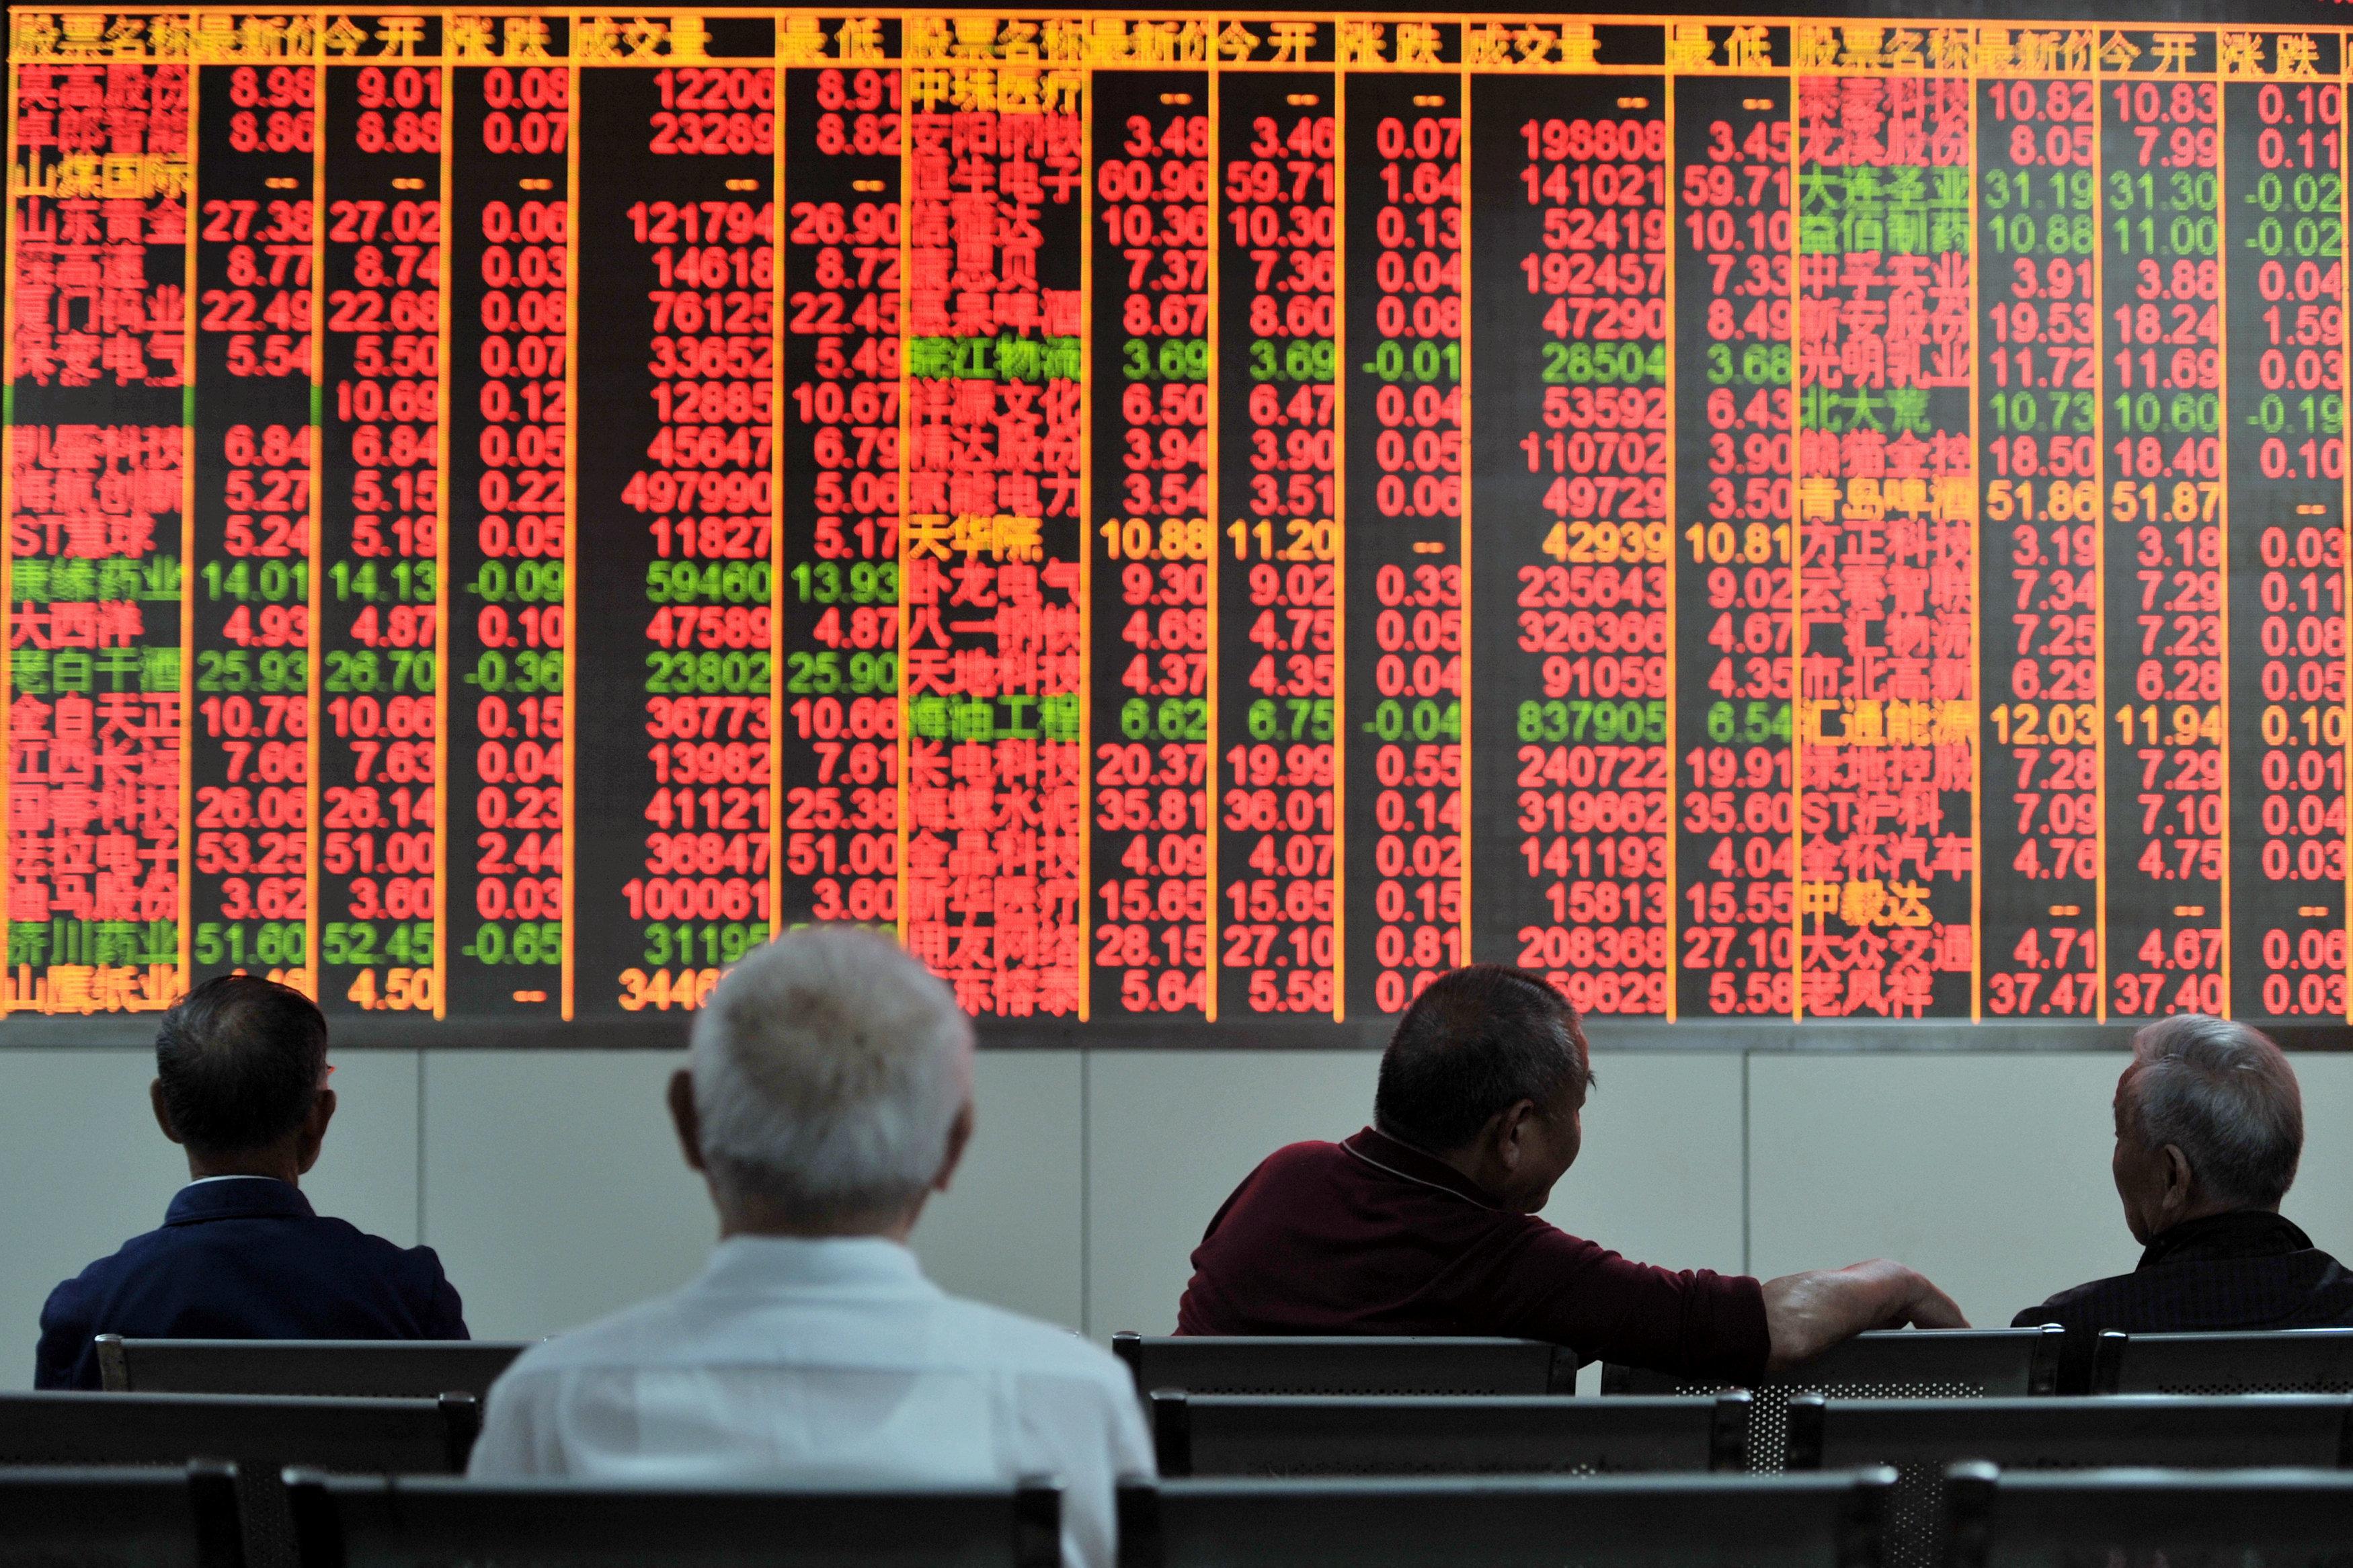 Πτώση στις χρηματιστηριακές αγορές στην Ευρώπη εξαιτίας της κλιμάκωσης της εμπορικής διαμάχης μεταξύ ΗΠΑ και